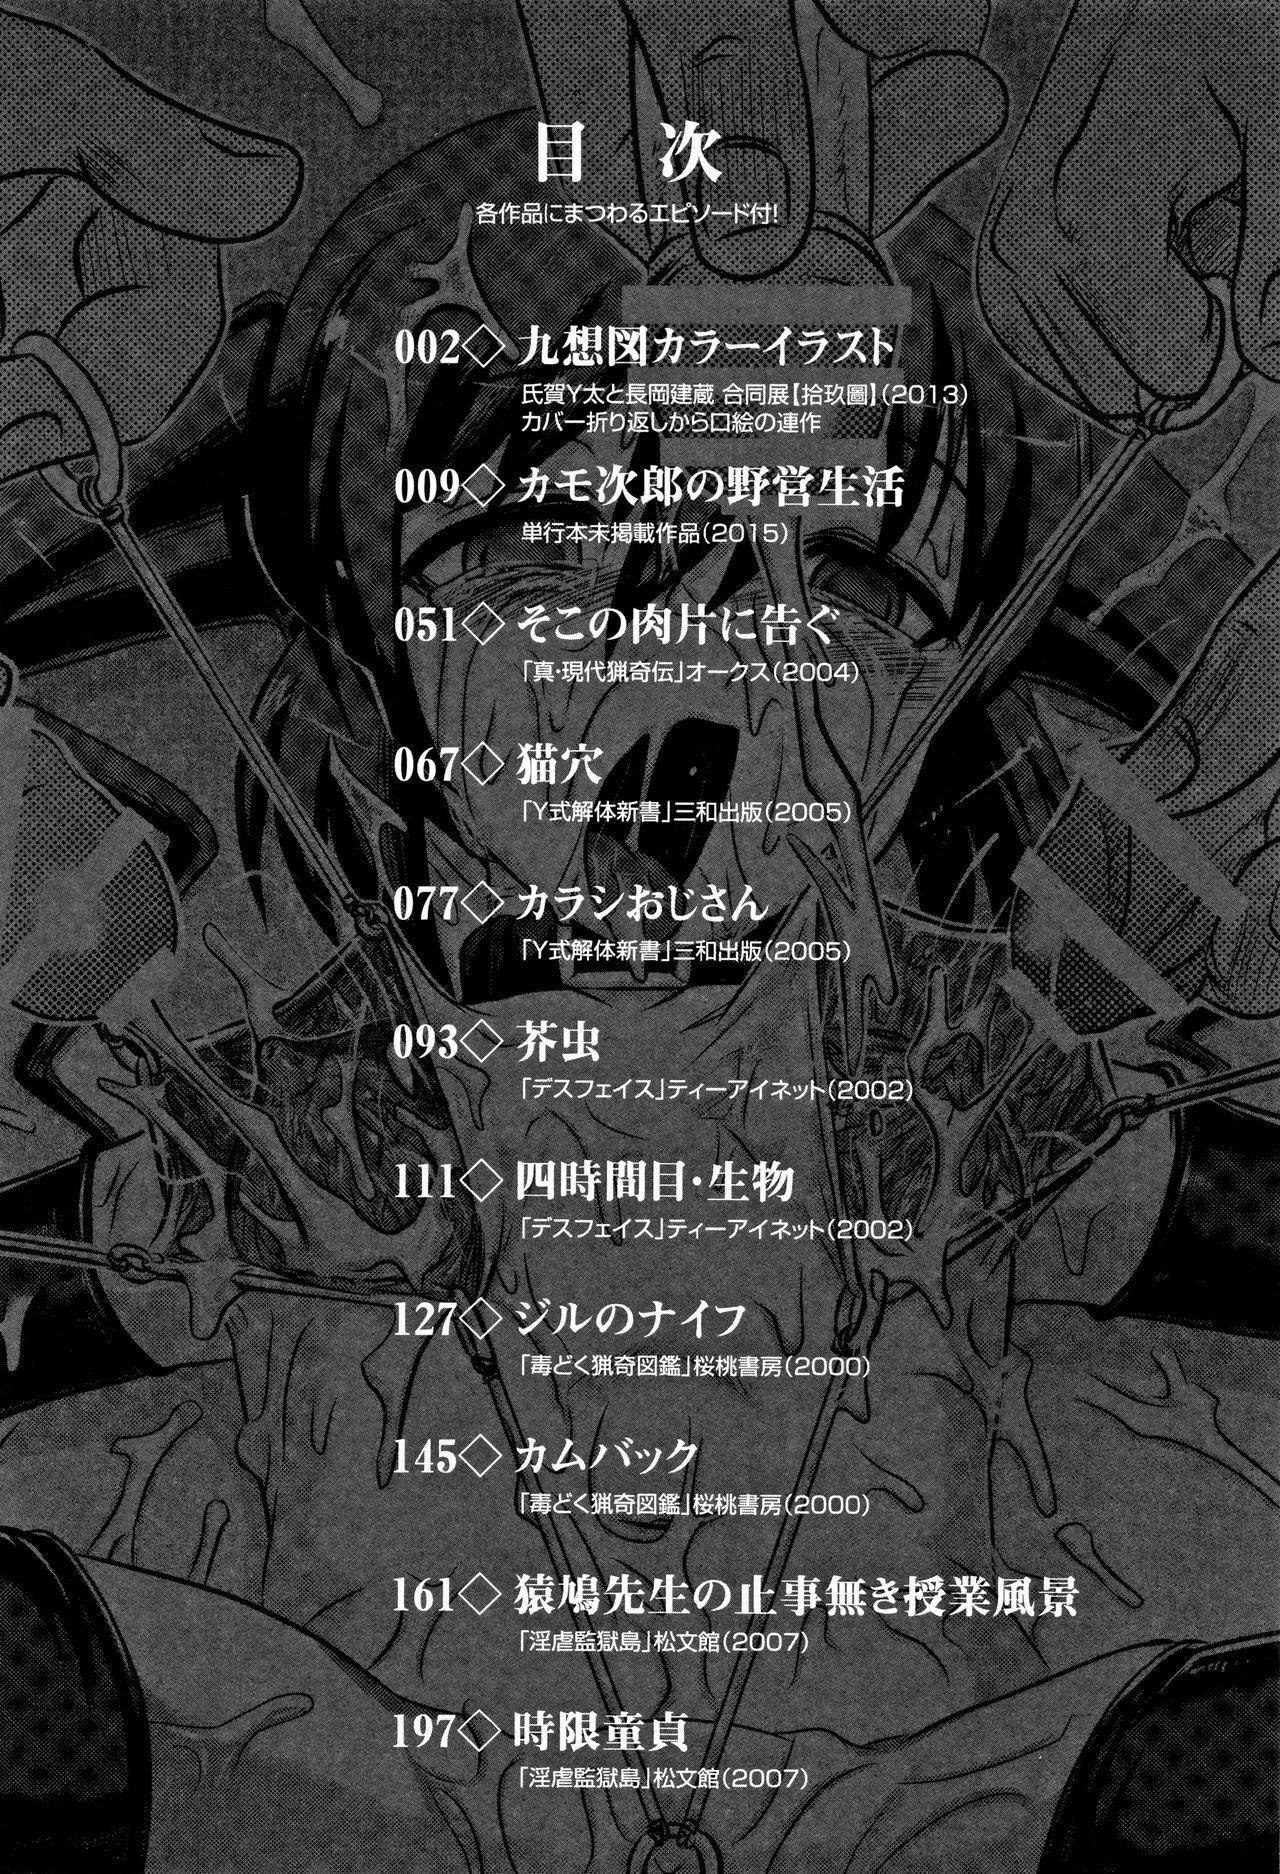 Chishigoyomi 8